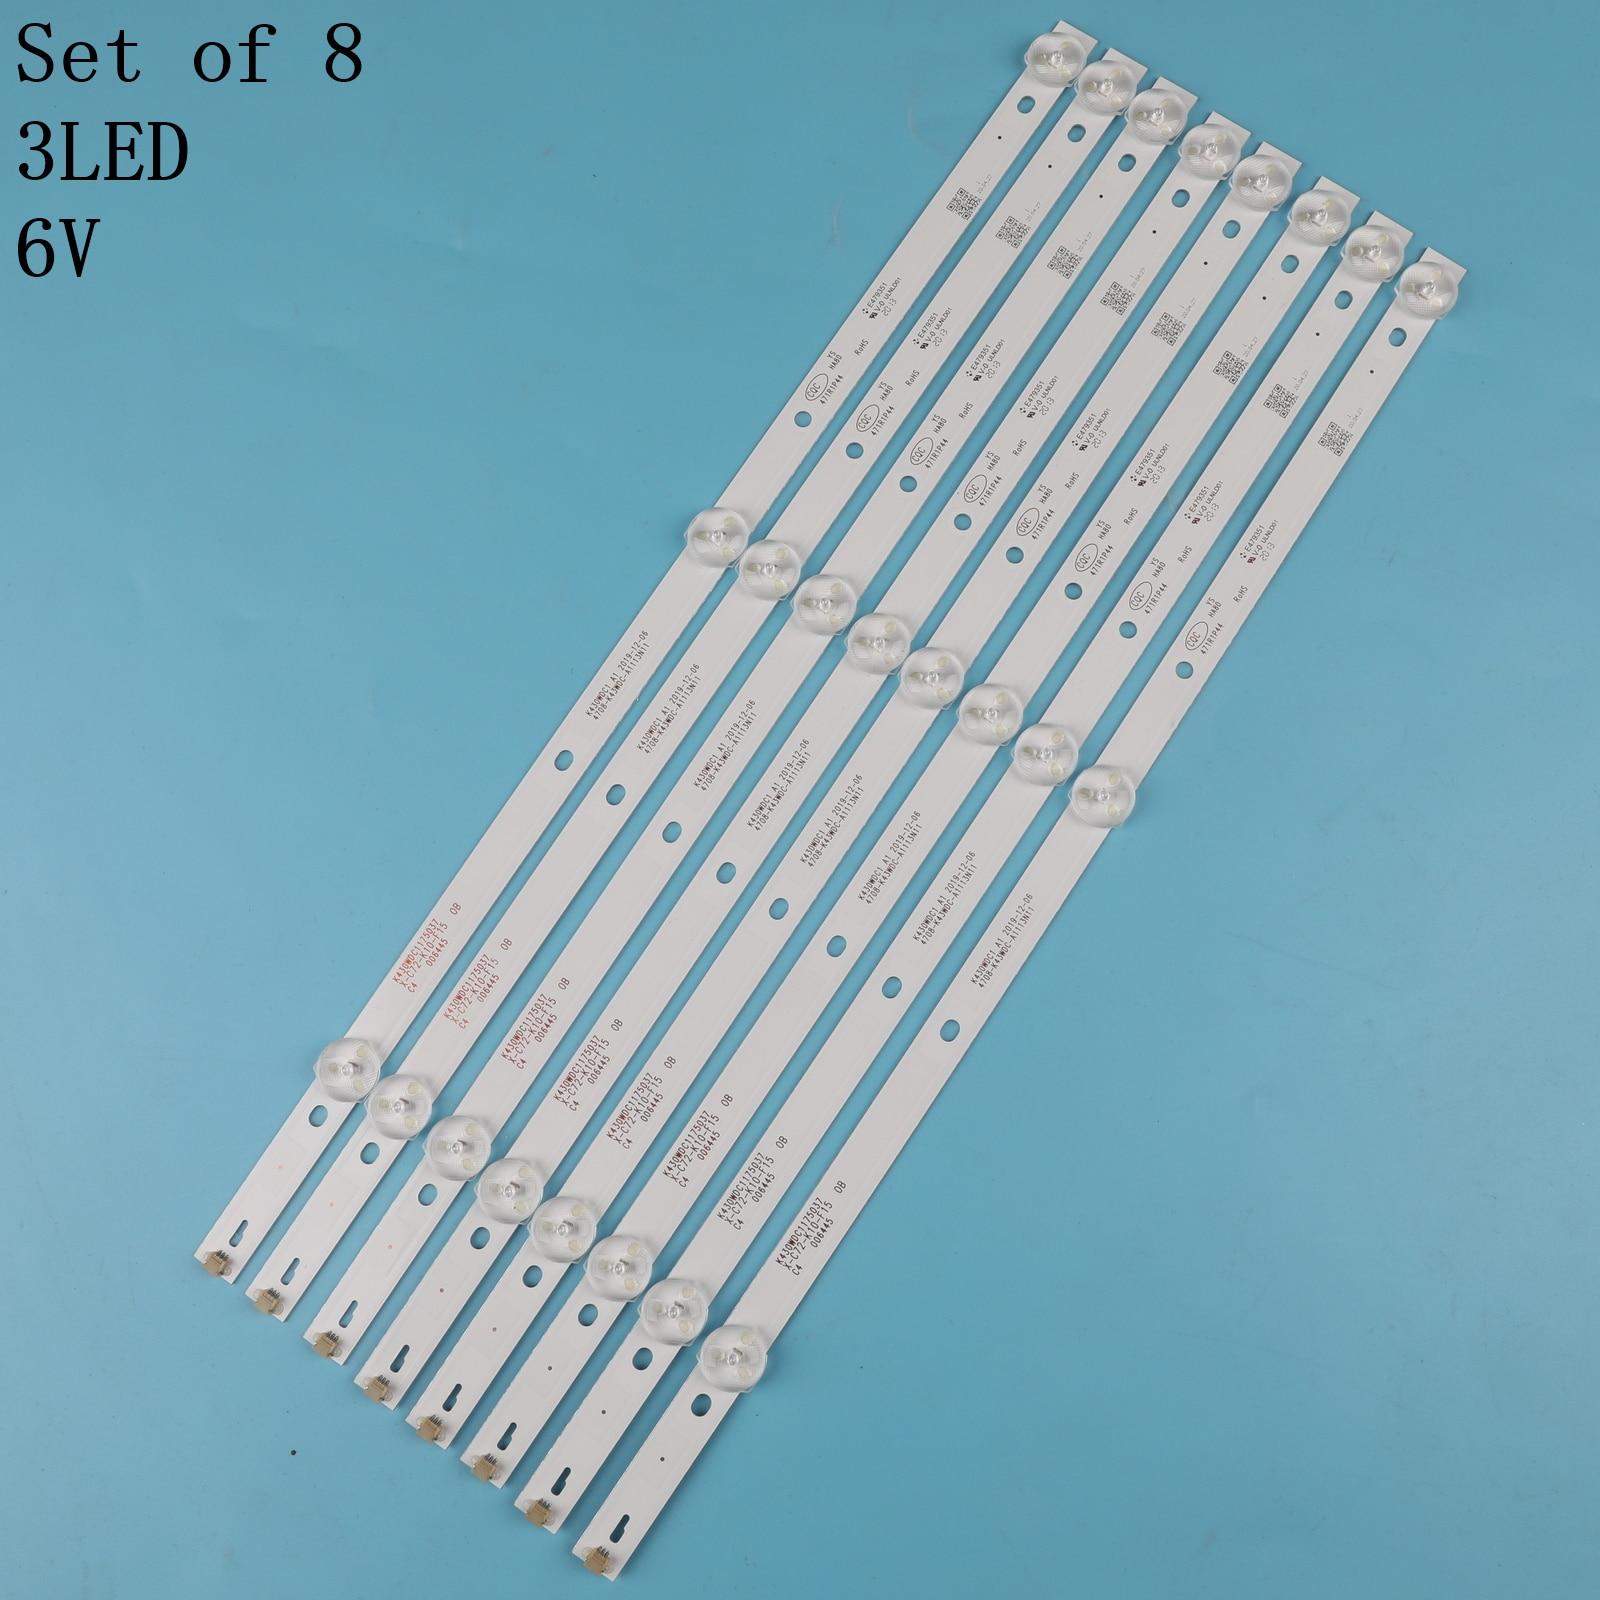 8pcs-tv-kit-lampada-di-retroilluminazione-a-led-strisce-per-aoc-le43m3570-60-le43m3579-barre-led-fasce-per-4708-k43wdc-a1113n11-governanti-k430wdc1-a1